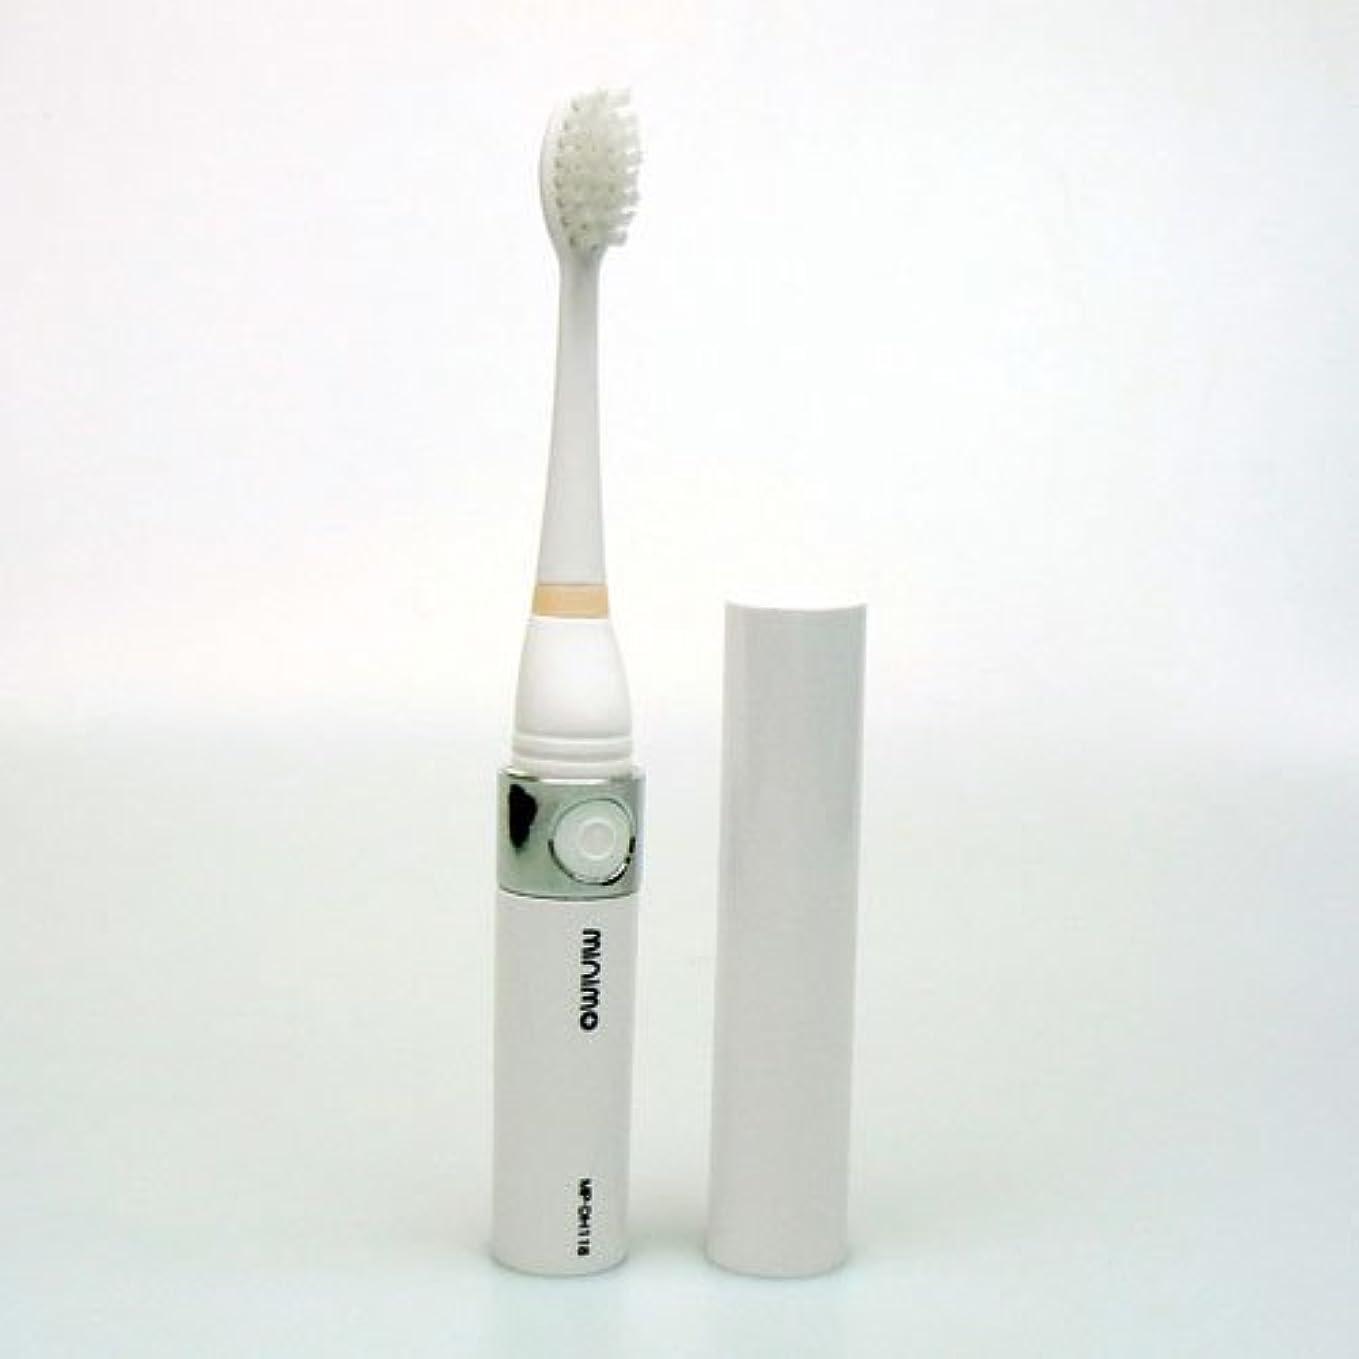 今大傷つけるmaruman 音波振動歯ブラシ minimo ホワイト MP-DH118WH